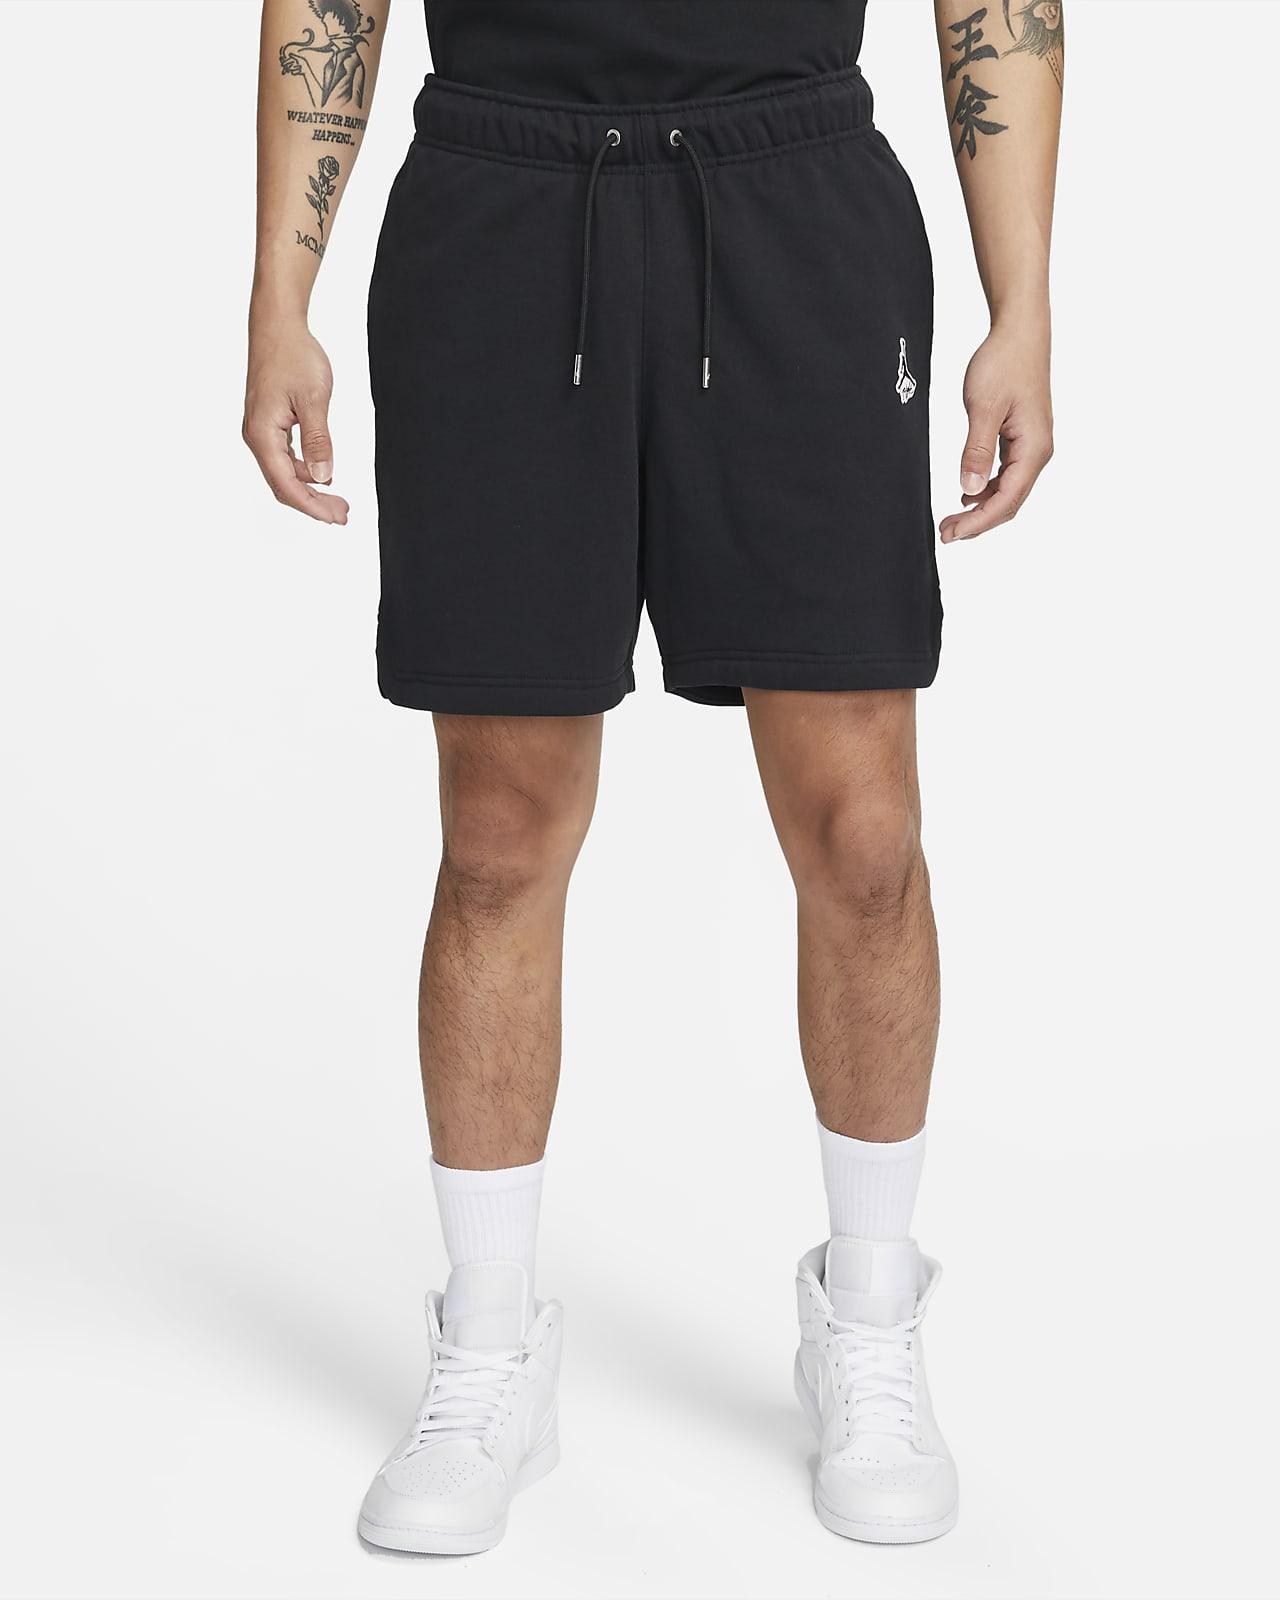 Jordan Essentials 男子针织短裤